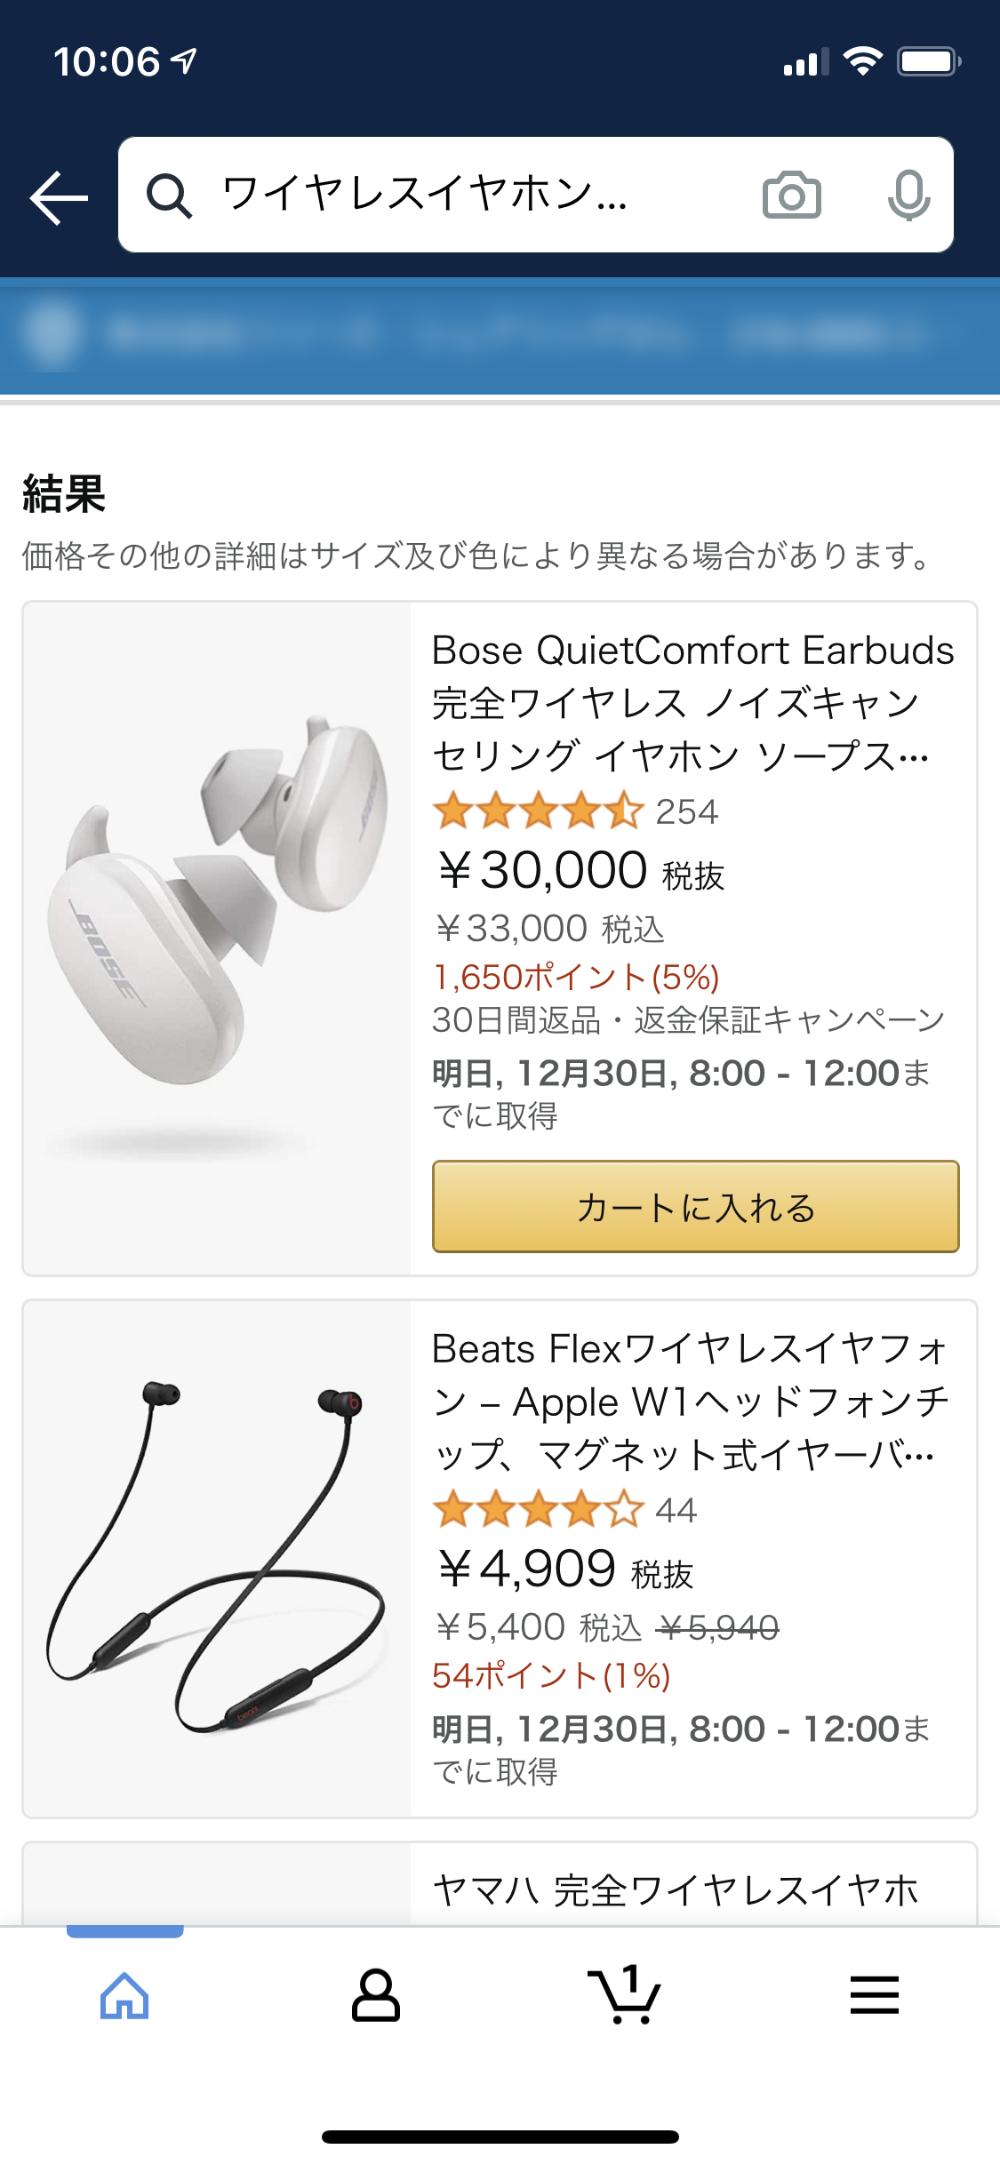 Amazonが出品している商品だけ絞り込み